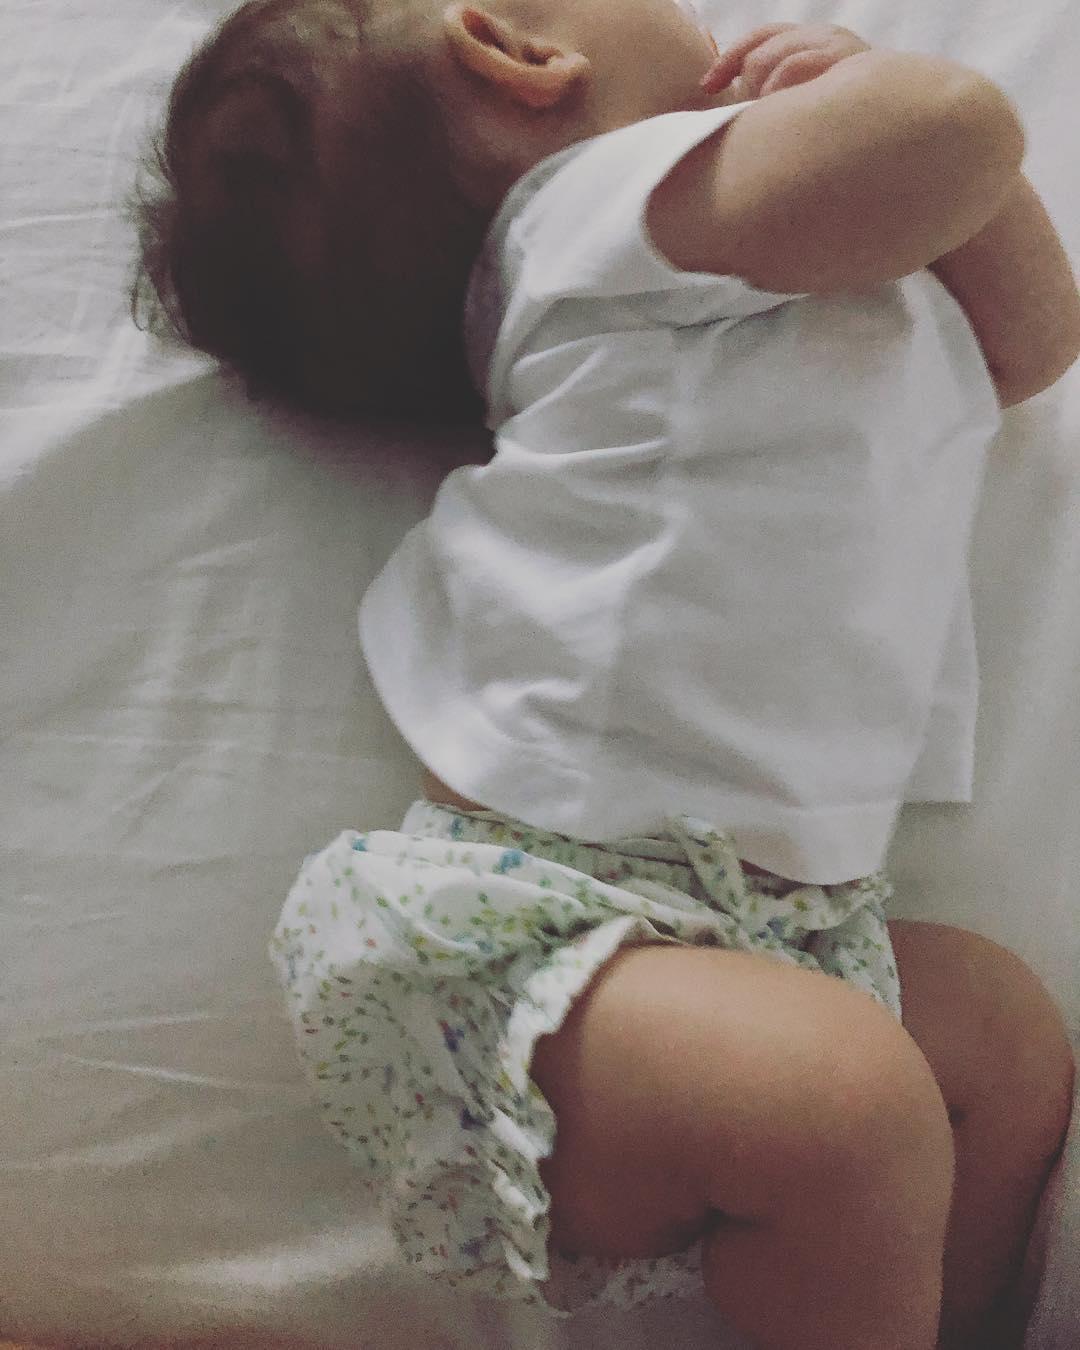 Andreia Rodrigues Alice Andreia Rodrigues Partilha Nova Fotografia Da Bebé